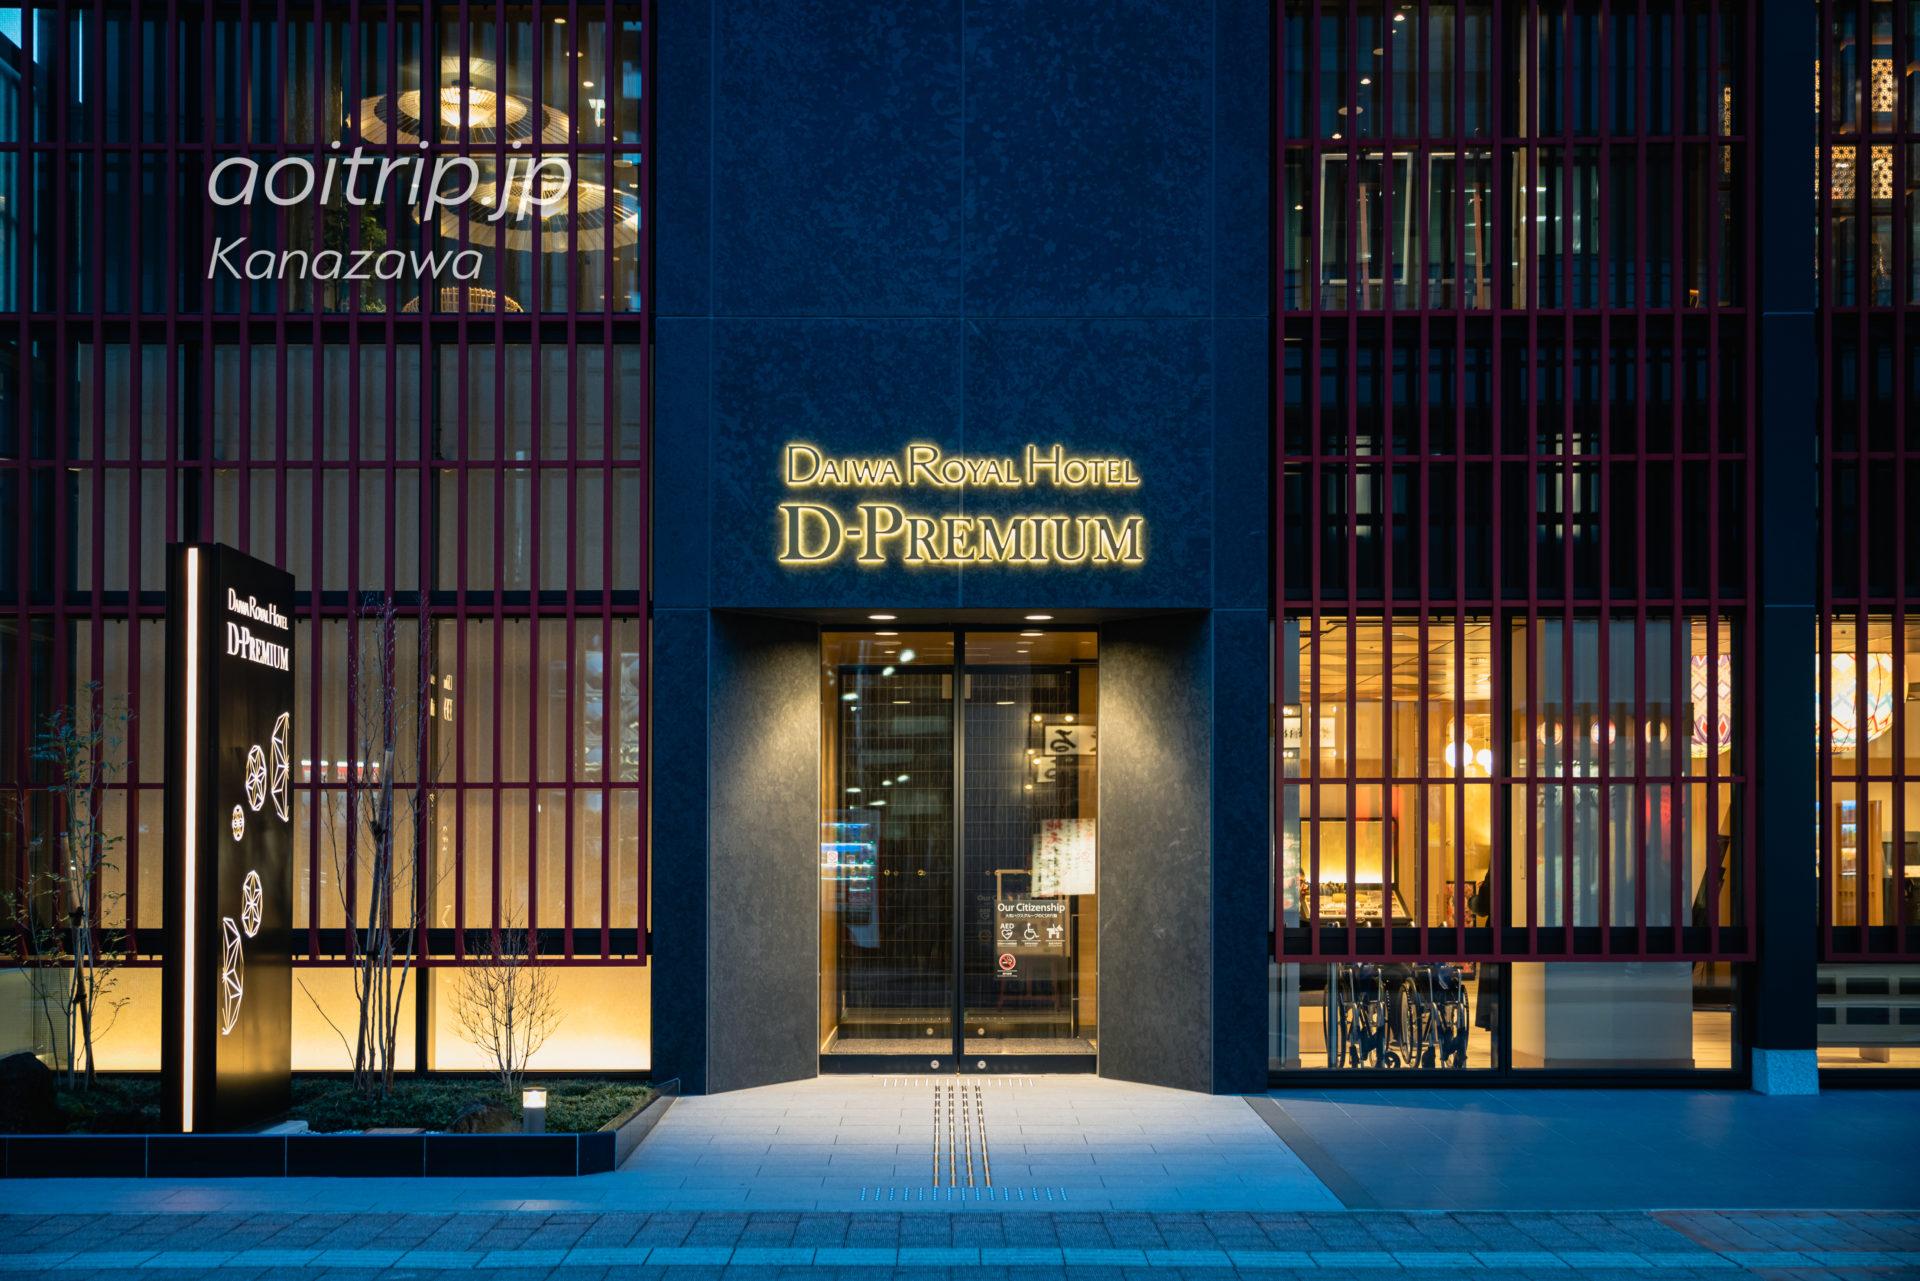 ダイワロイヤルホテルD-Premium(Daiwa Royal D-Premium Kanazawa)のエントランス